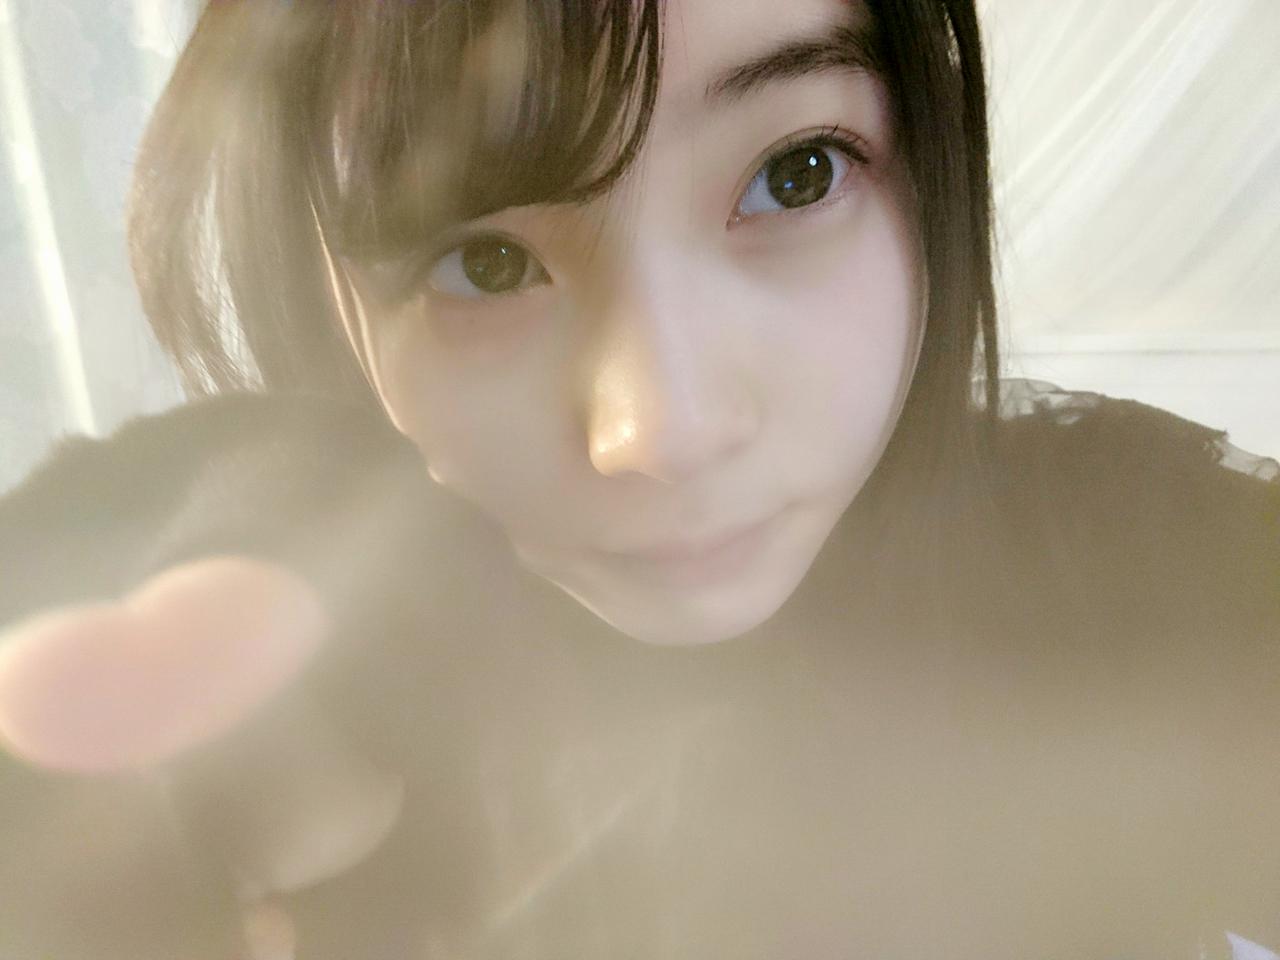 【ひらがなけやき】柿崎芽実応援スレ★3【めみい】YouTube動画>8本 ->画像>234枚